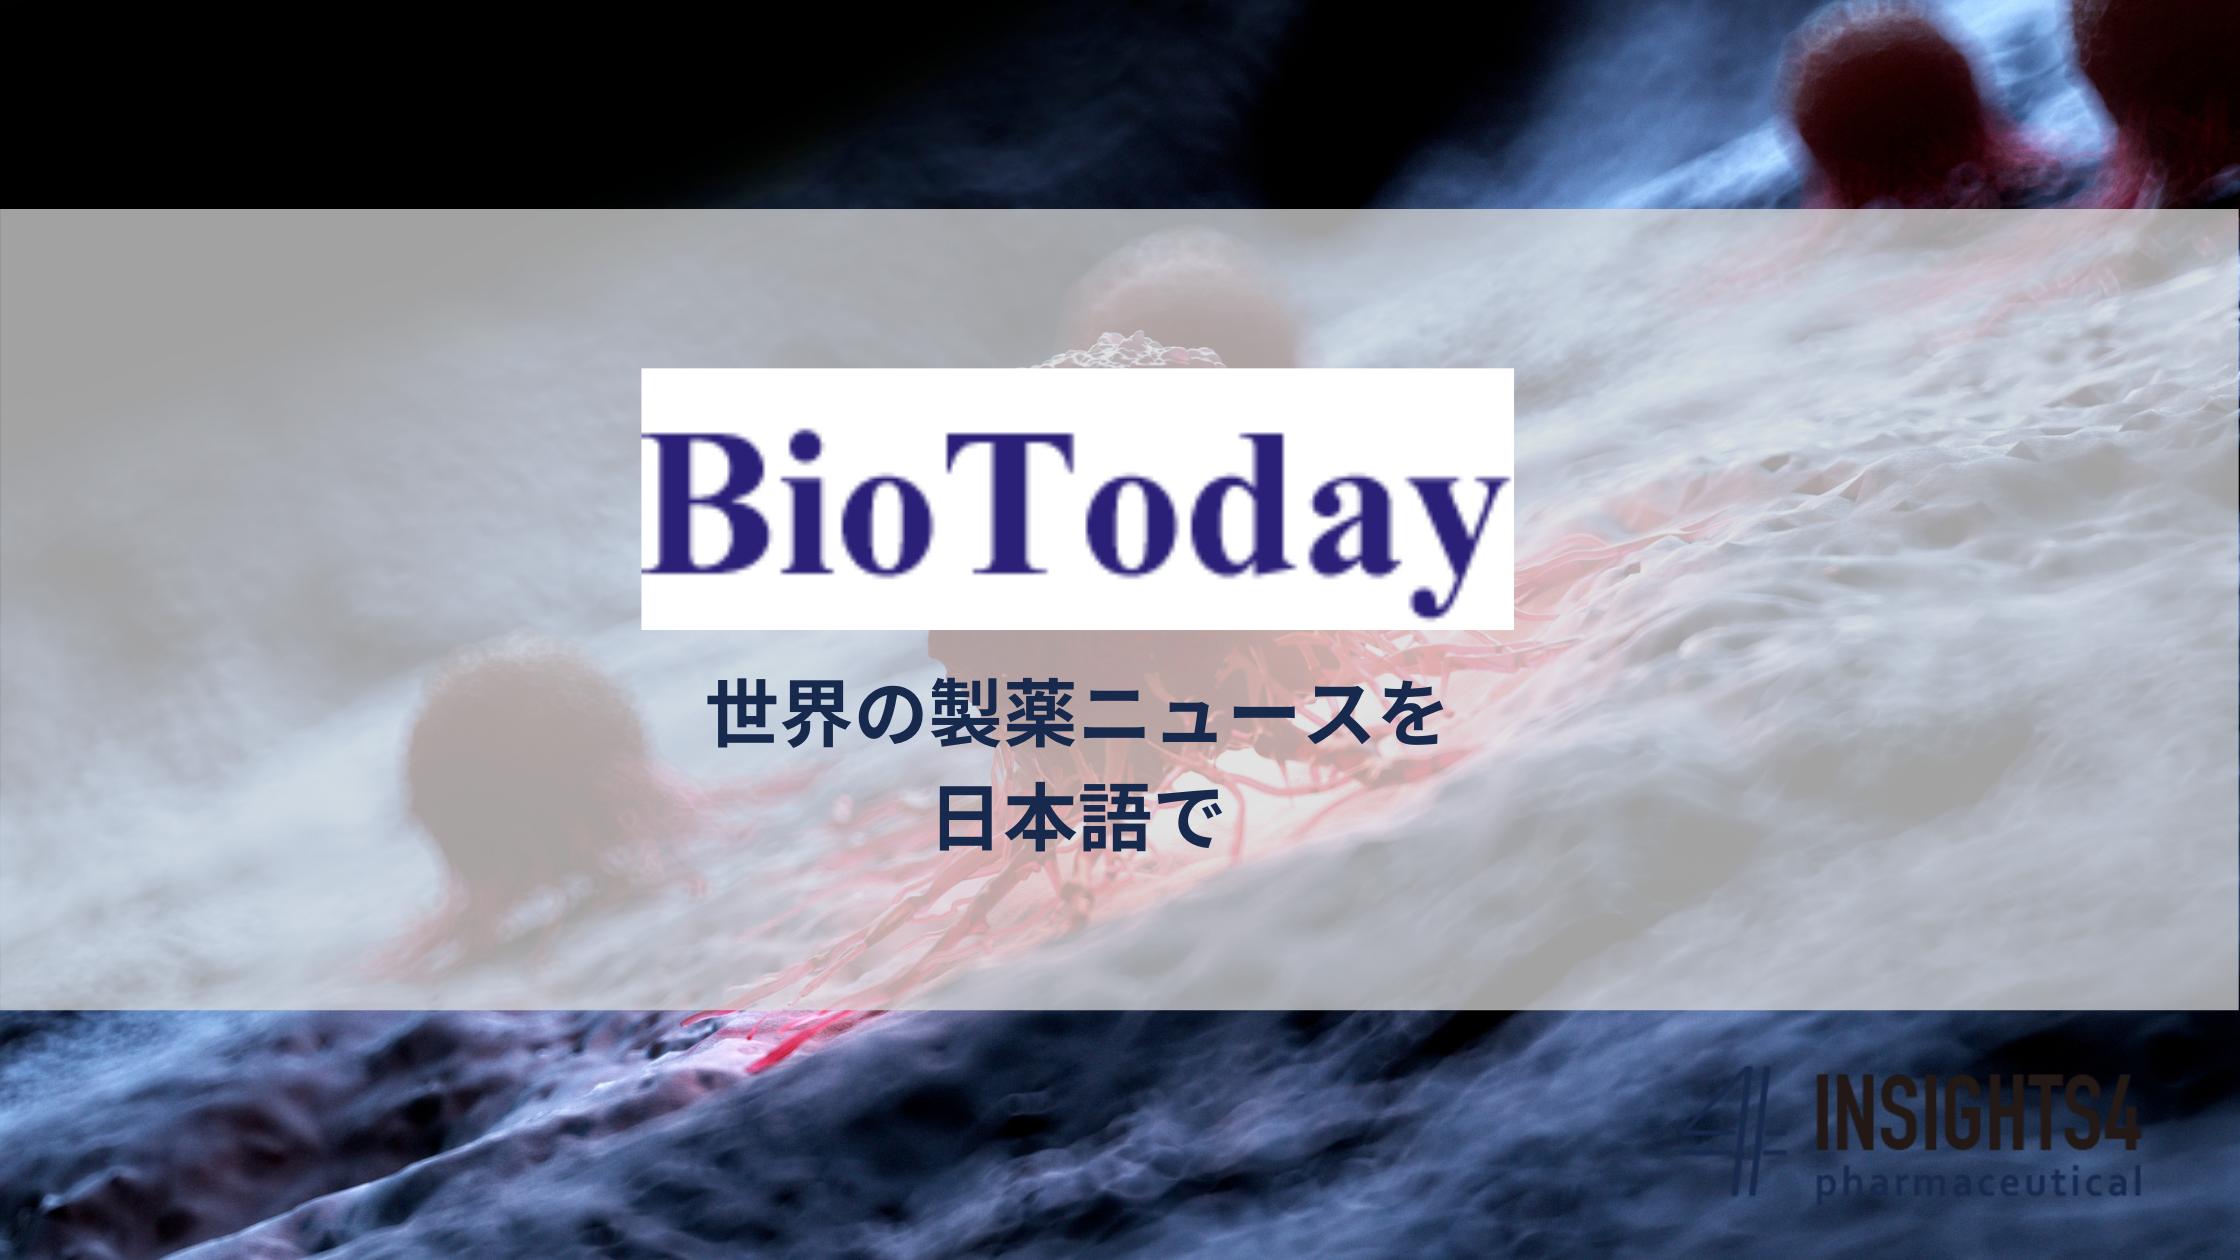 腫瘍のγδ T細胞は抗MICA/Bでより増え、CD39阻害でより働くかもしれない